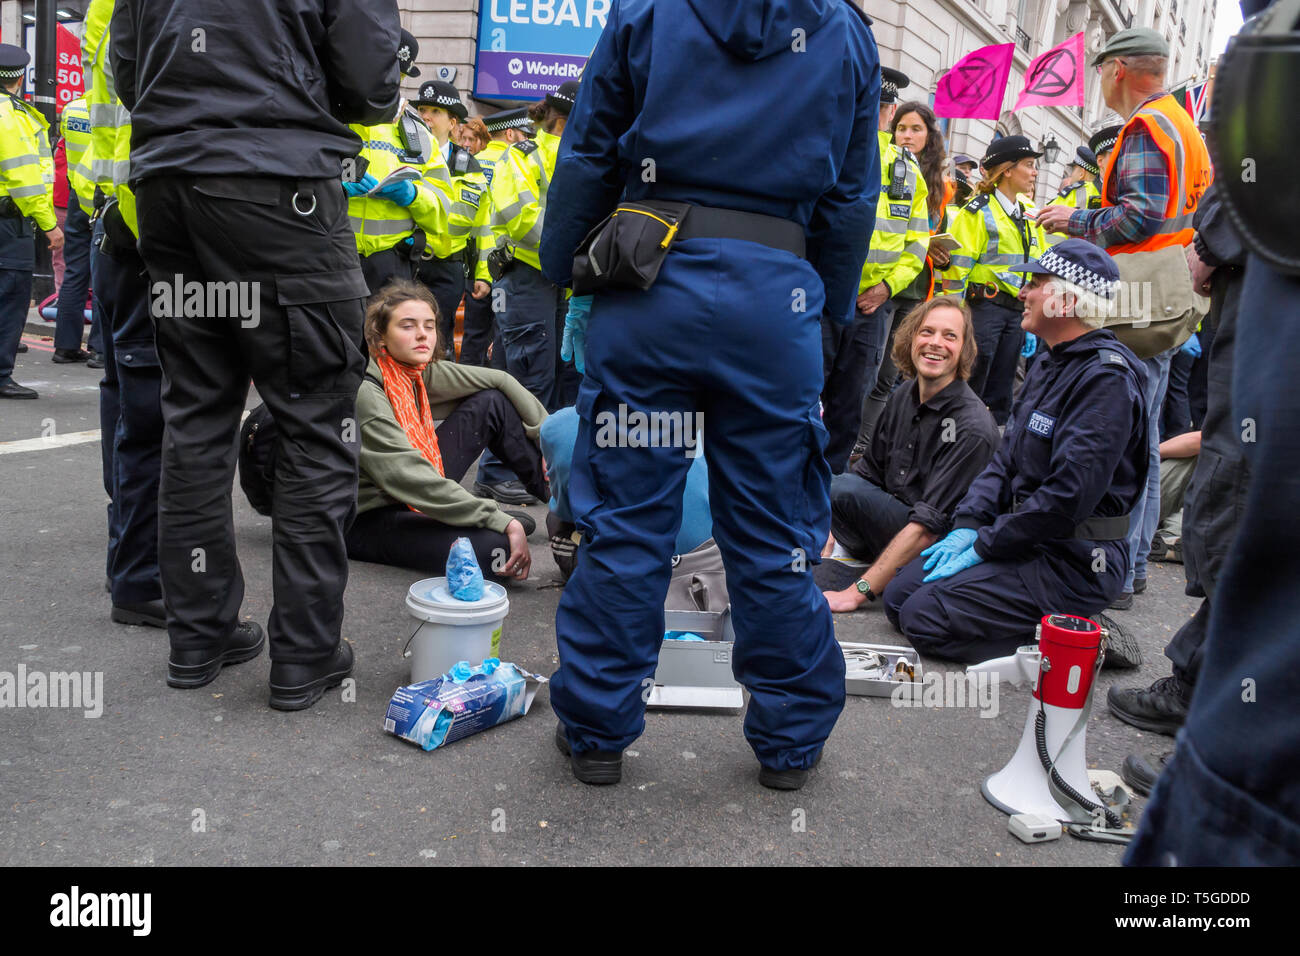 London, Großbritannien. 24. April 2019. Die Polizei wurde entfernen Menschen blockieren Oxford St, die letzte Straße Block um Marble Arch an diesem Nachmittag. Einige Leute wurden auf und werden sorgfältig heraus, die von den Offizieren cut gesperrt, während andere saß ruhig von der Polizei umstellt und wartete, während eine kleine Menge durch mehrere Linien der Polizei beobachtete, wie die Offiziere, die versucht, sie zu erhalten, zu verschieben, verhaftet zu werden. Bei Marble Arch der Protest mit Trommeln und Tanzen, kostenloses Essen und Hunderte von Zelten fortgesetzt. Peter Marshall / alamy Leben Nachrichten Stockfoto